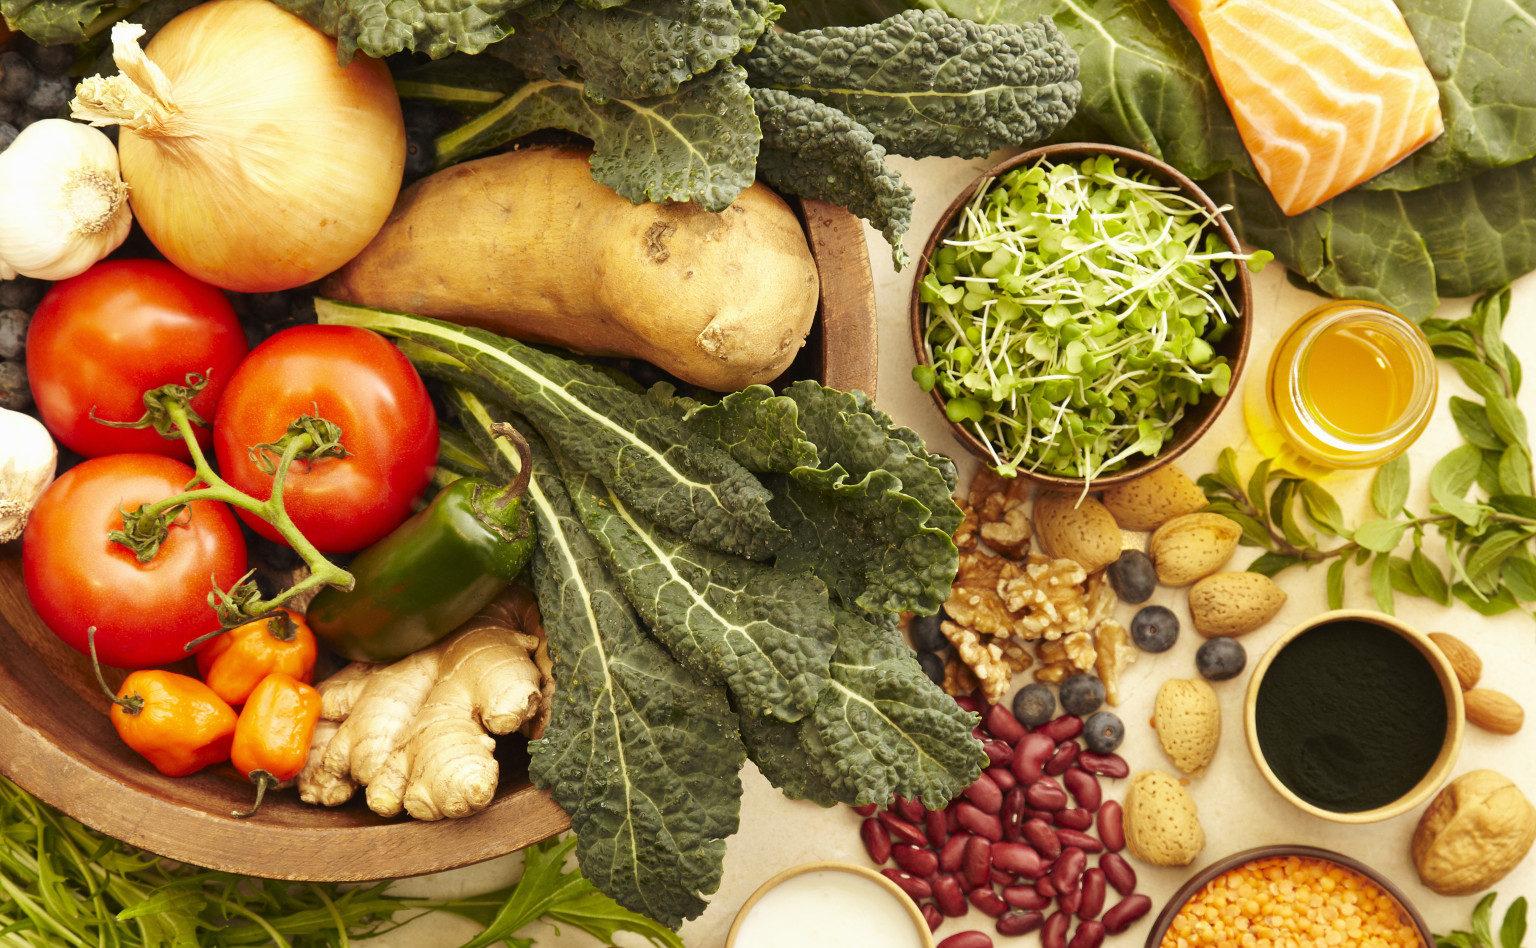 Σαρακοστή : Πως μπορούμε να συνδυάσουμε τη δίαιτα και τη νηστεία